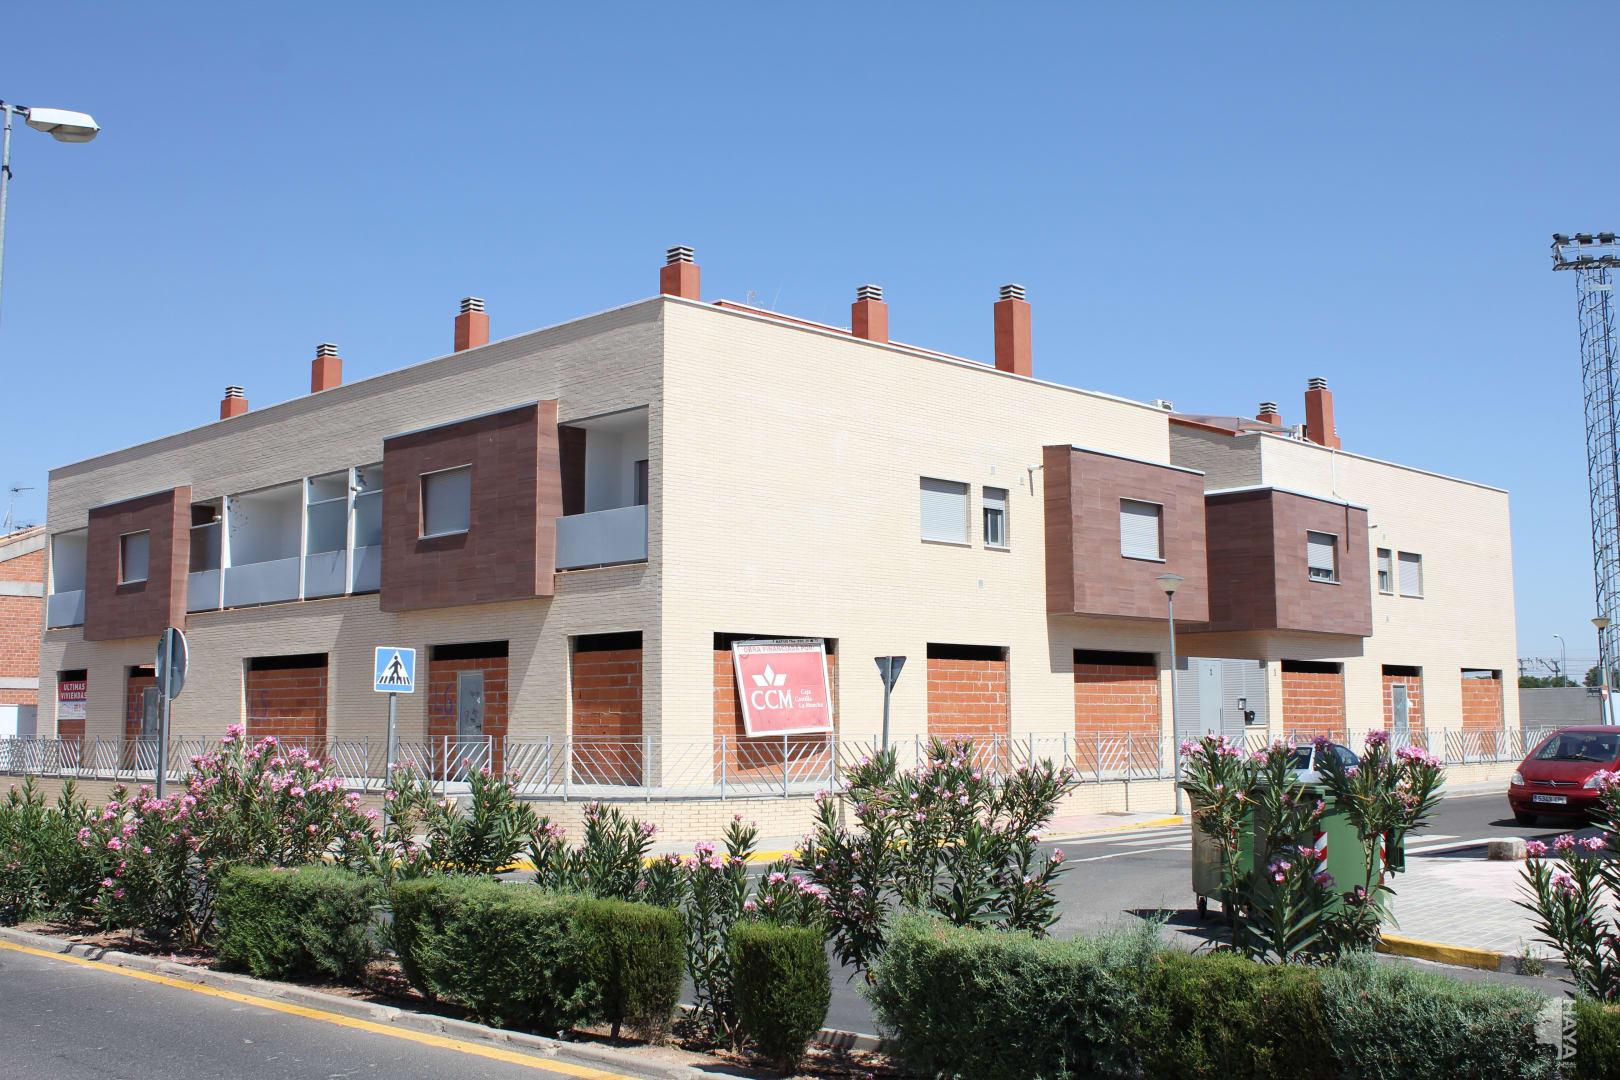 Piso en venta en Miguelturra, Ciudad Real, Calle Chavela Vargas, 71.500 €, 2 habitaciones, 2 baños, 121 m2